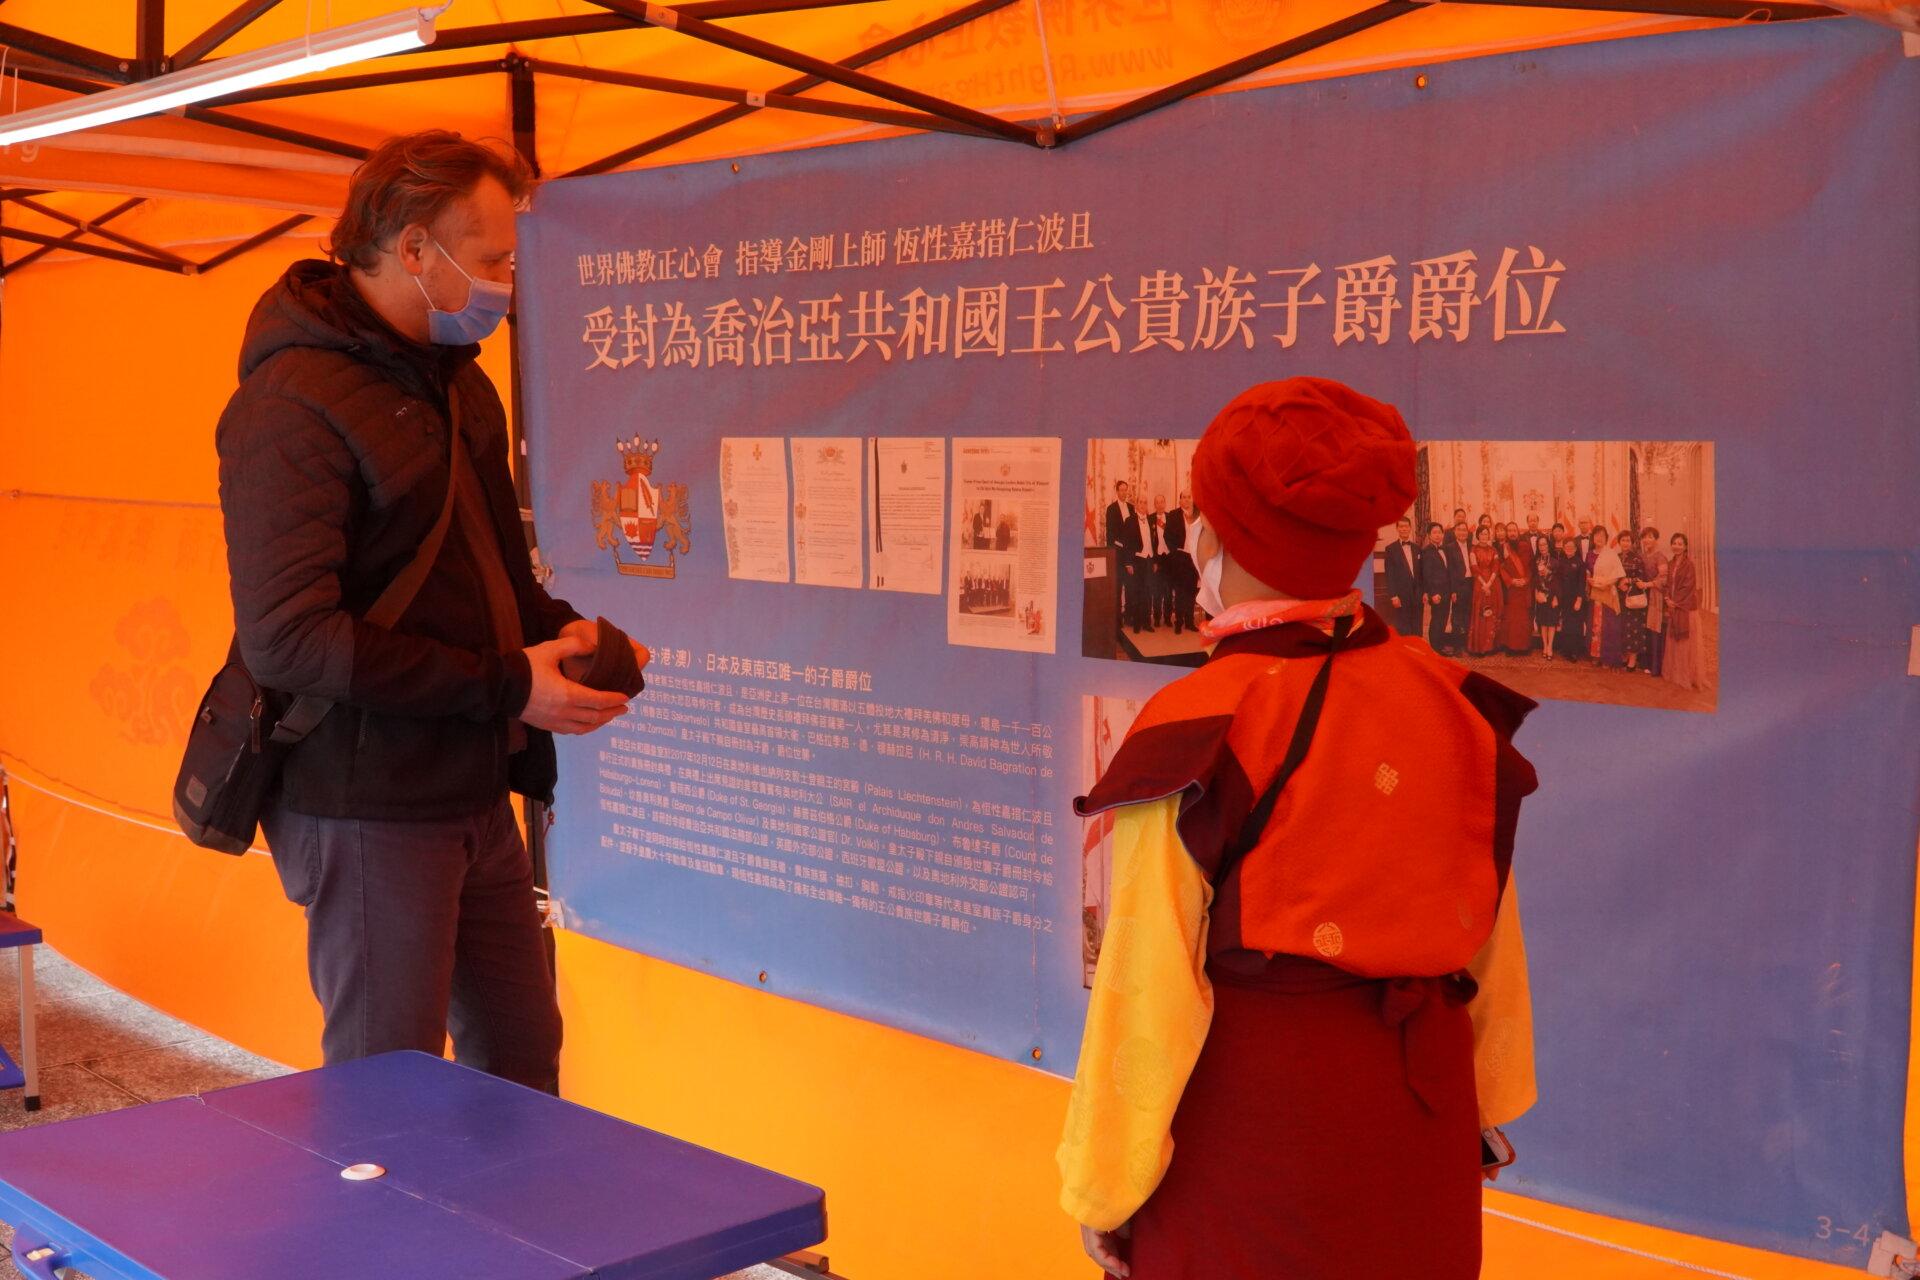 行動佛殿117站台北中正紀念堂,向外國人介紹本會指導上師